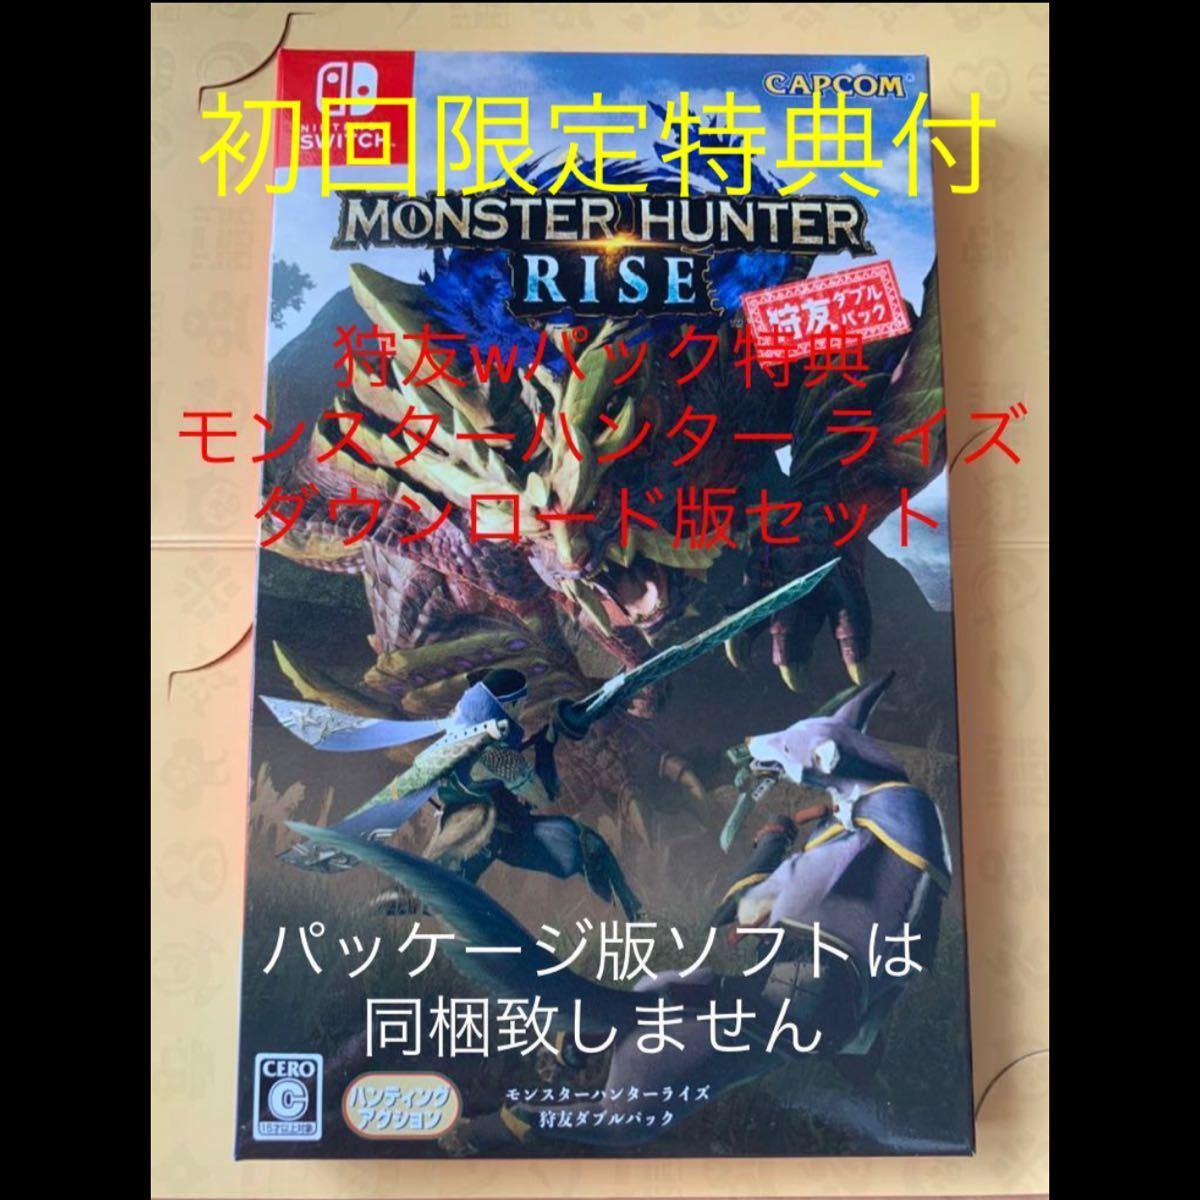 初回限定特典 Nintendo Switch モンスターハンターライズ モンハン ダウンロード版 ニンテンドースイッチ